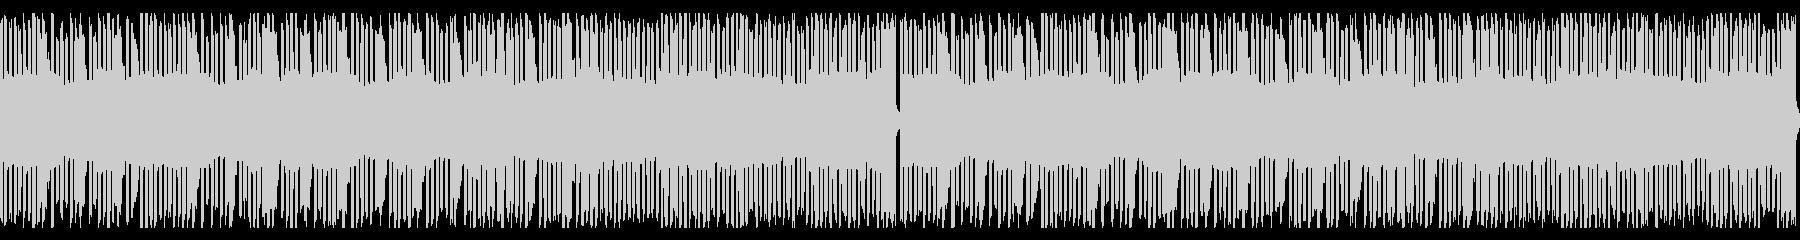 8bit風音源のループ楽曲の未再生の波形